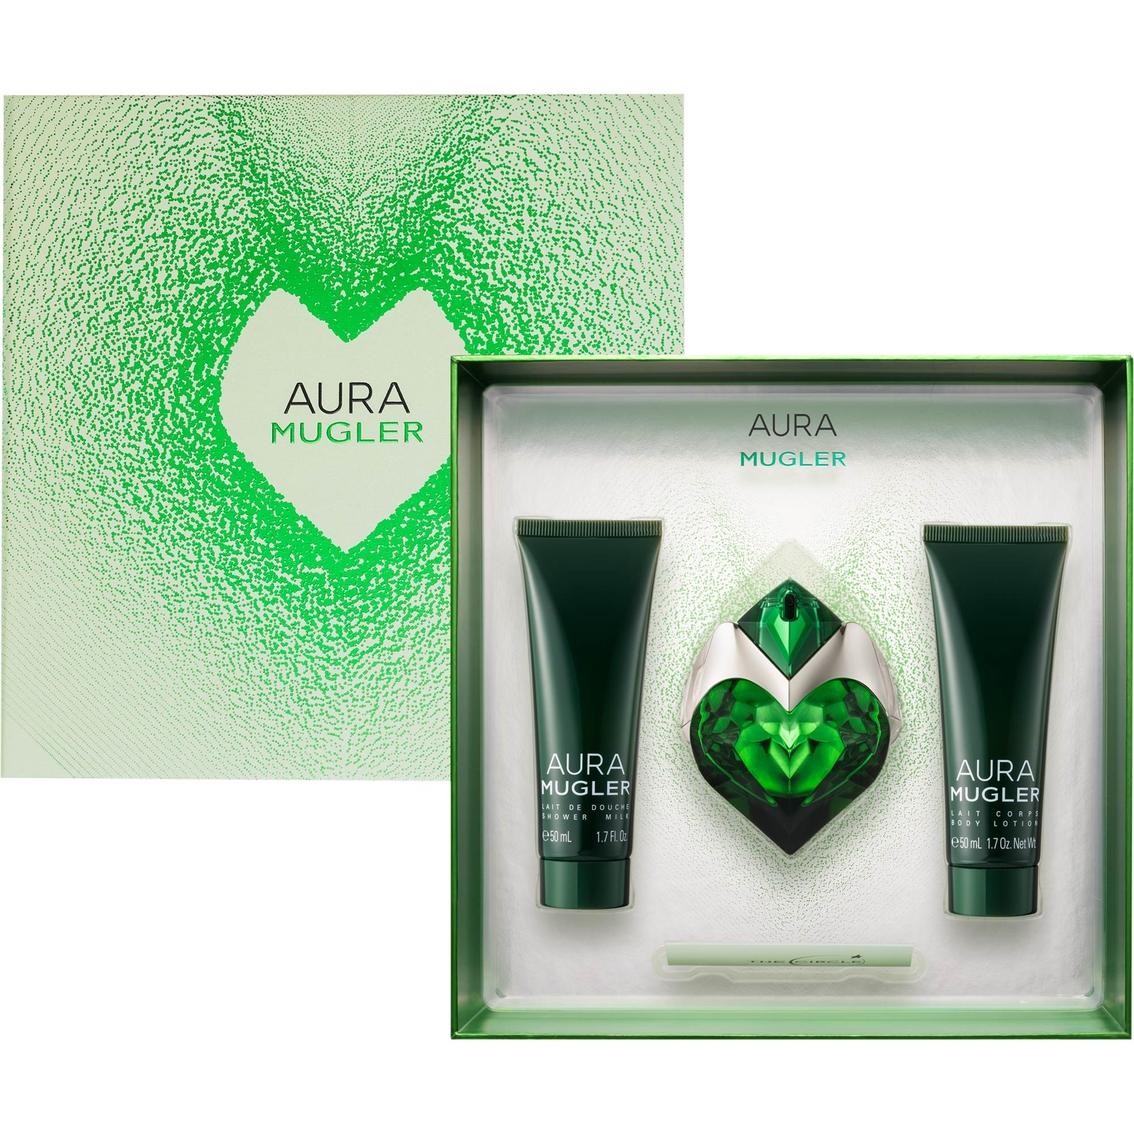 Thierry Mugler Aura, parfémovaná voda 30ml + tělové mléko 50ml + sprchový gel 50ml, Dárková sada